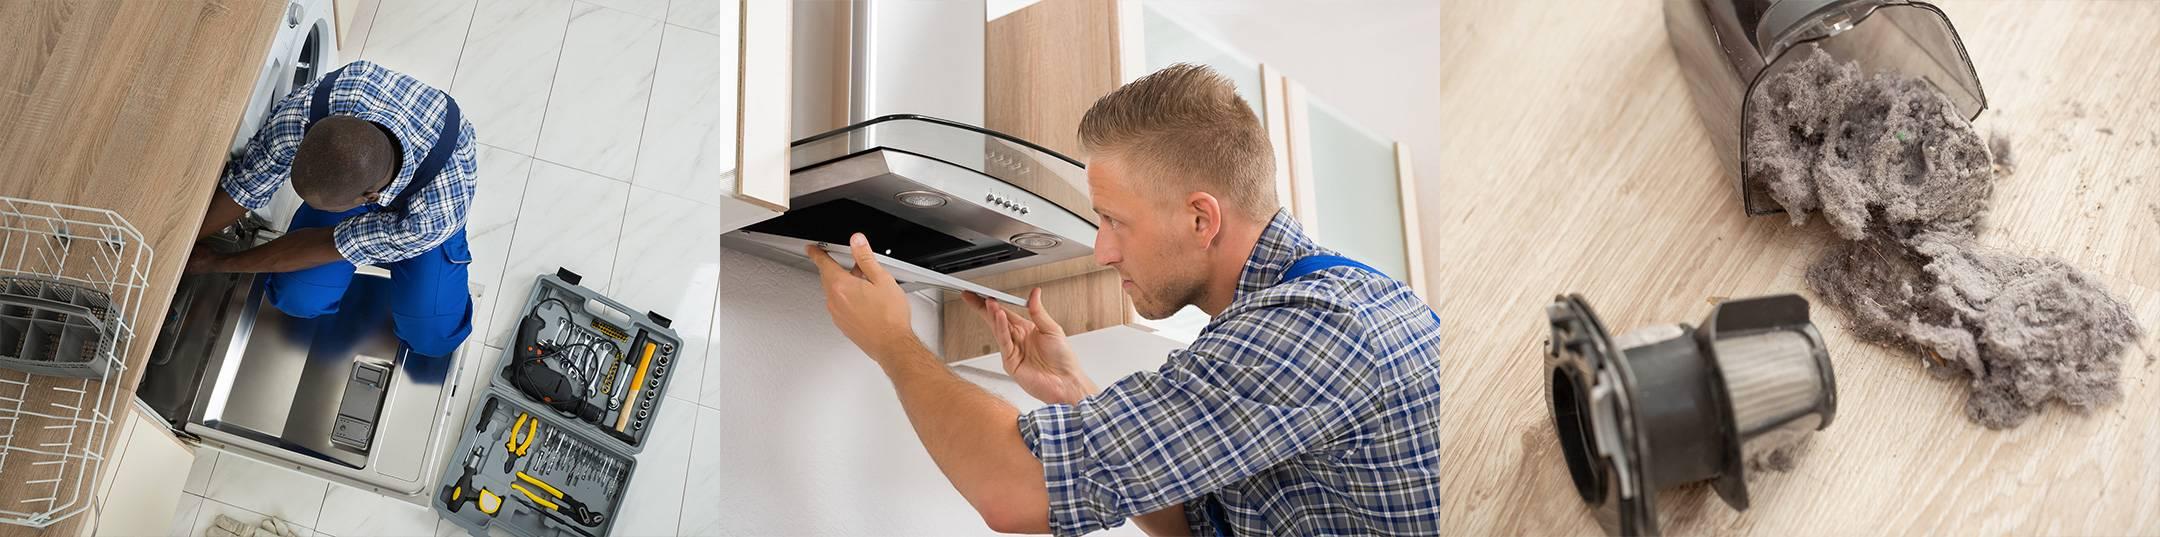 100-trucs-entretien-appareils-domestiques-2